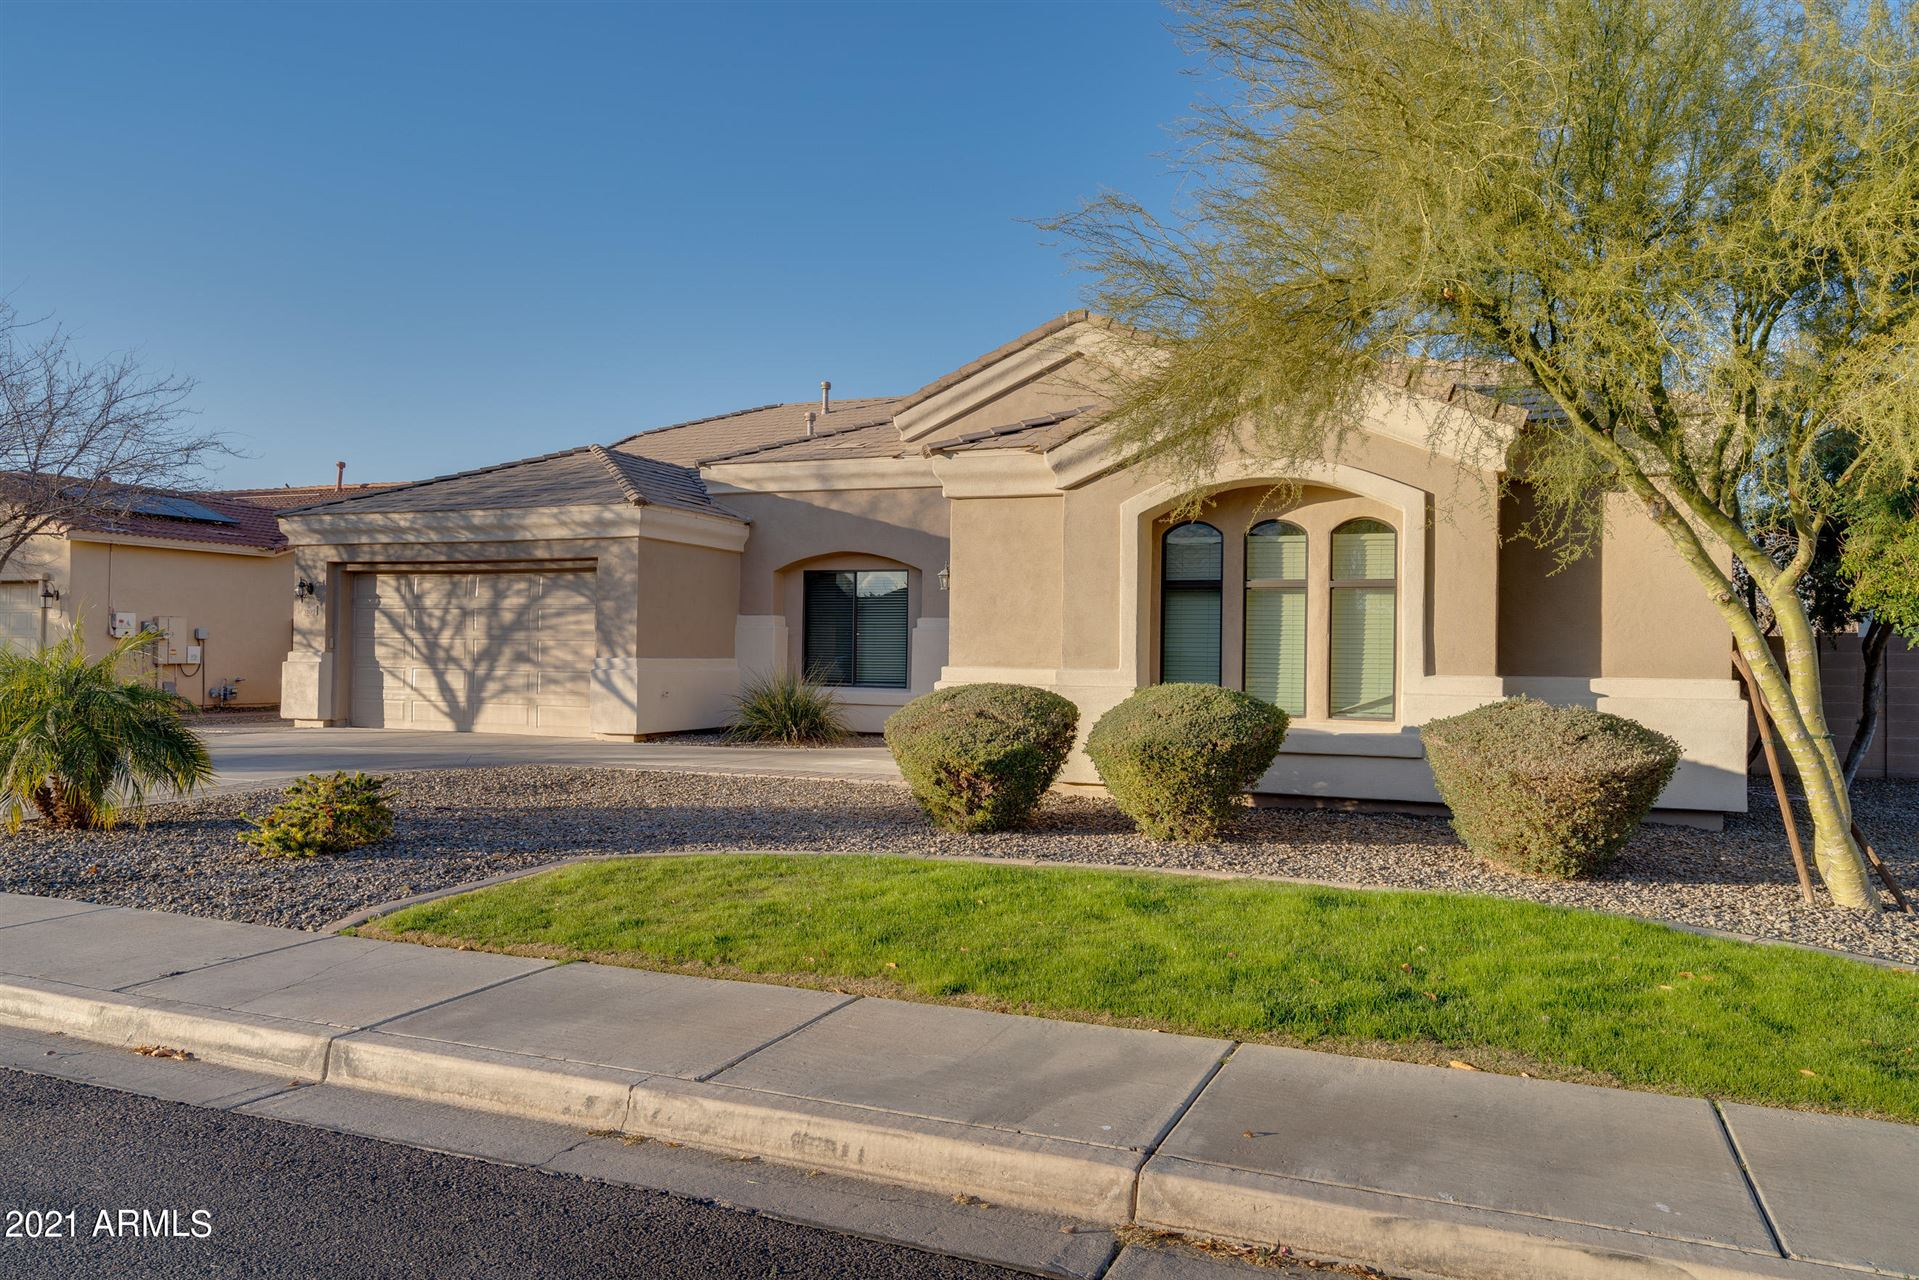 3102 E SAN CARLOS Place, Chandler, AZ 85249 - MLS#: 6184152